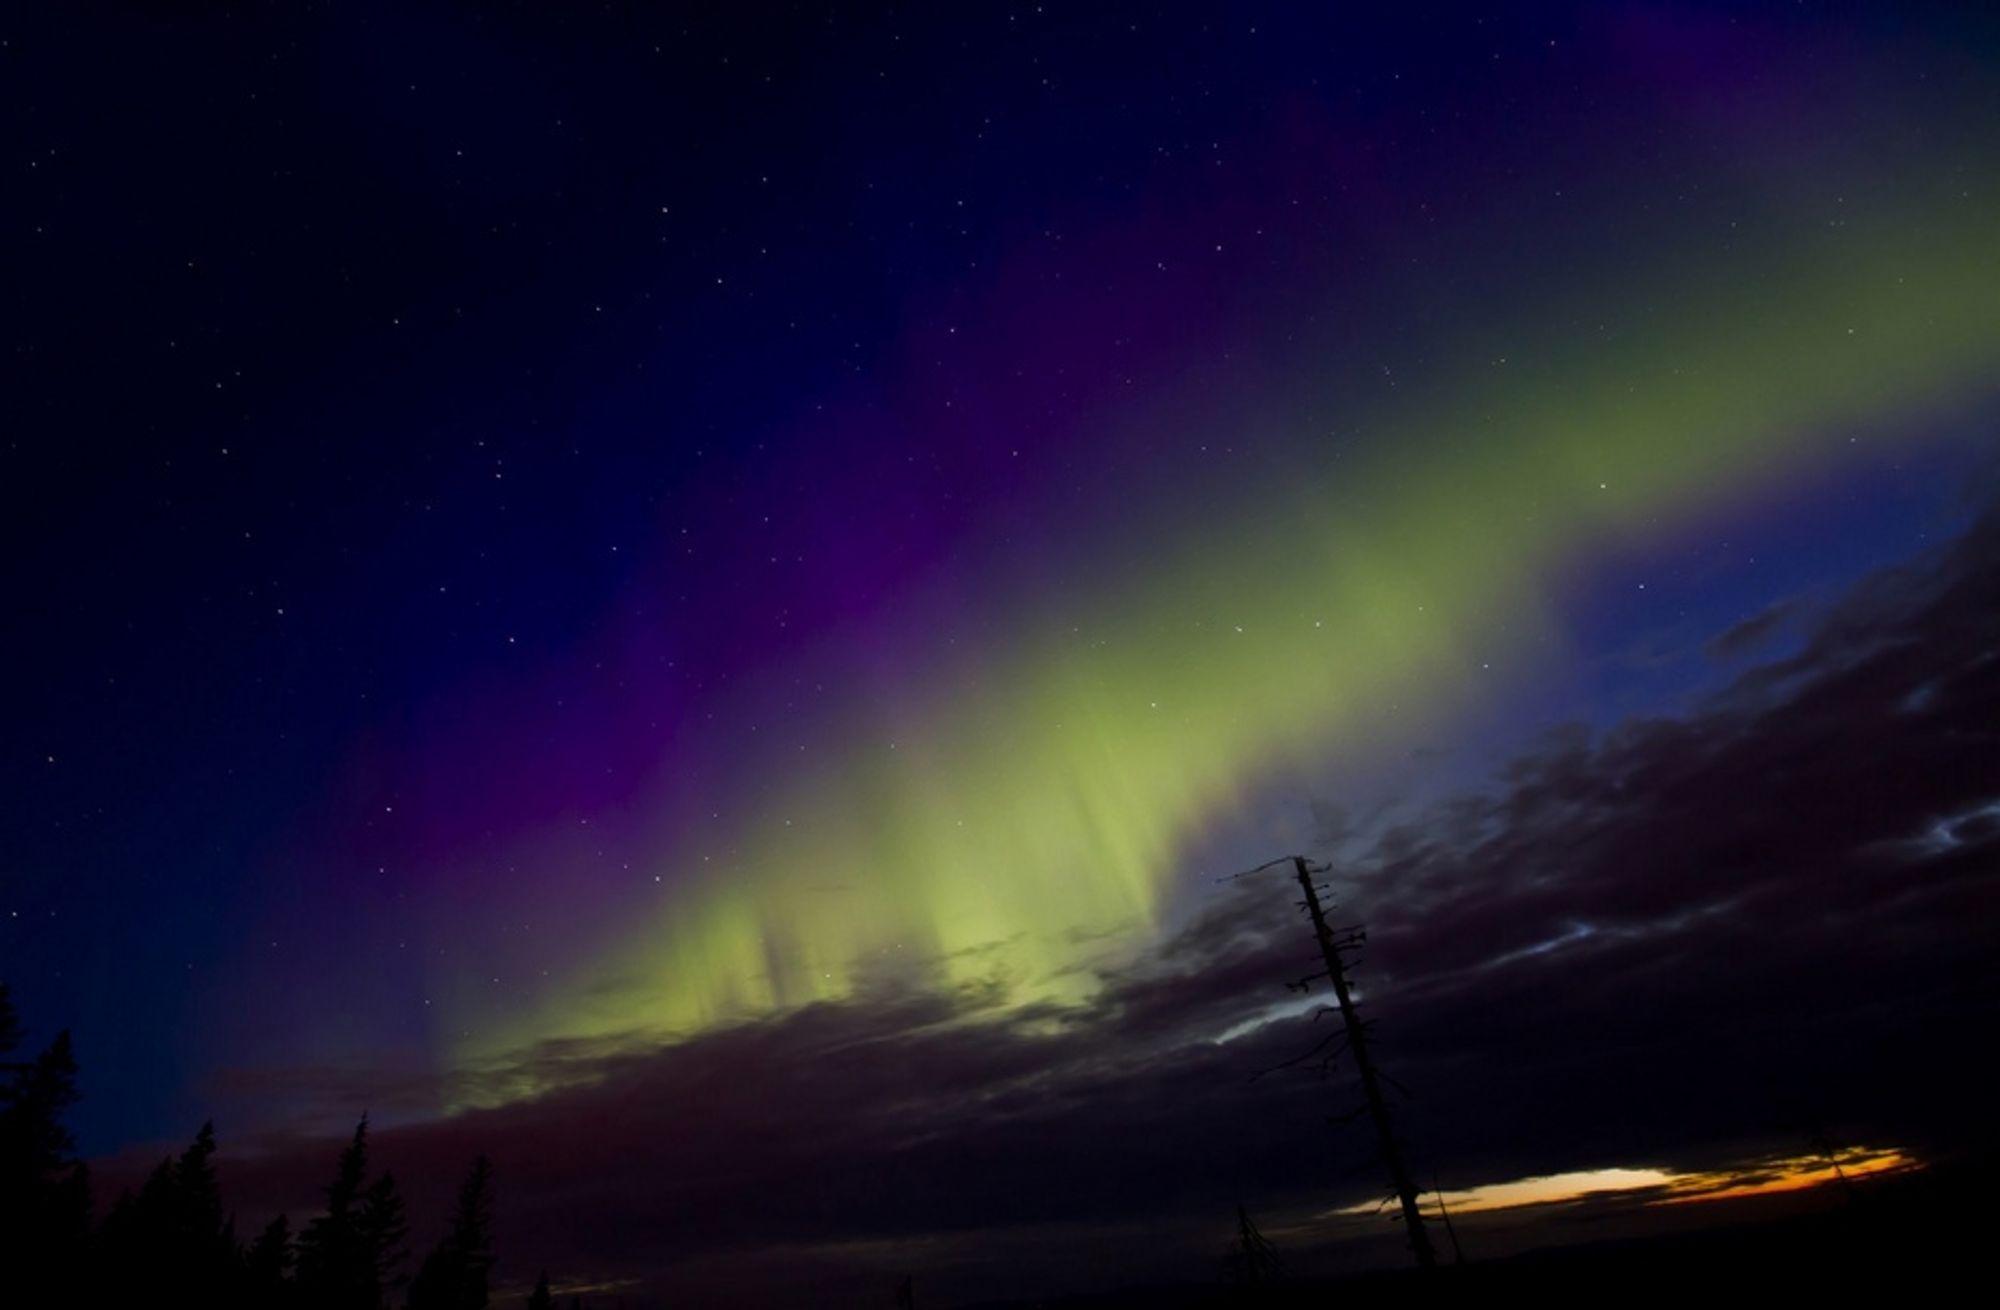 To kraftige smell på solen søndag sendte en bølge av varm gass mot jorden og forårsaket nordlys i Sør-Norge natt til onsdag. Dette bildet er tatt på en topp lengst nord i Nordmarka, rundt 600 meter over havet.